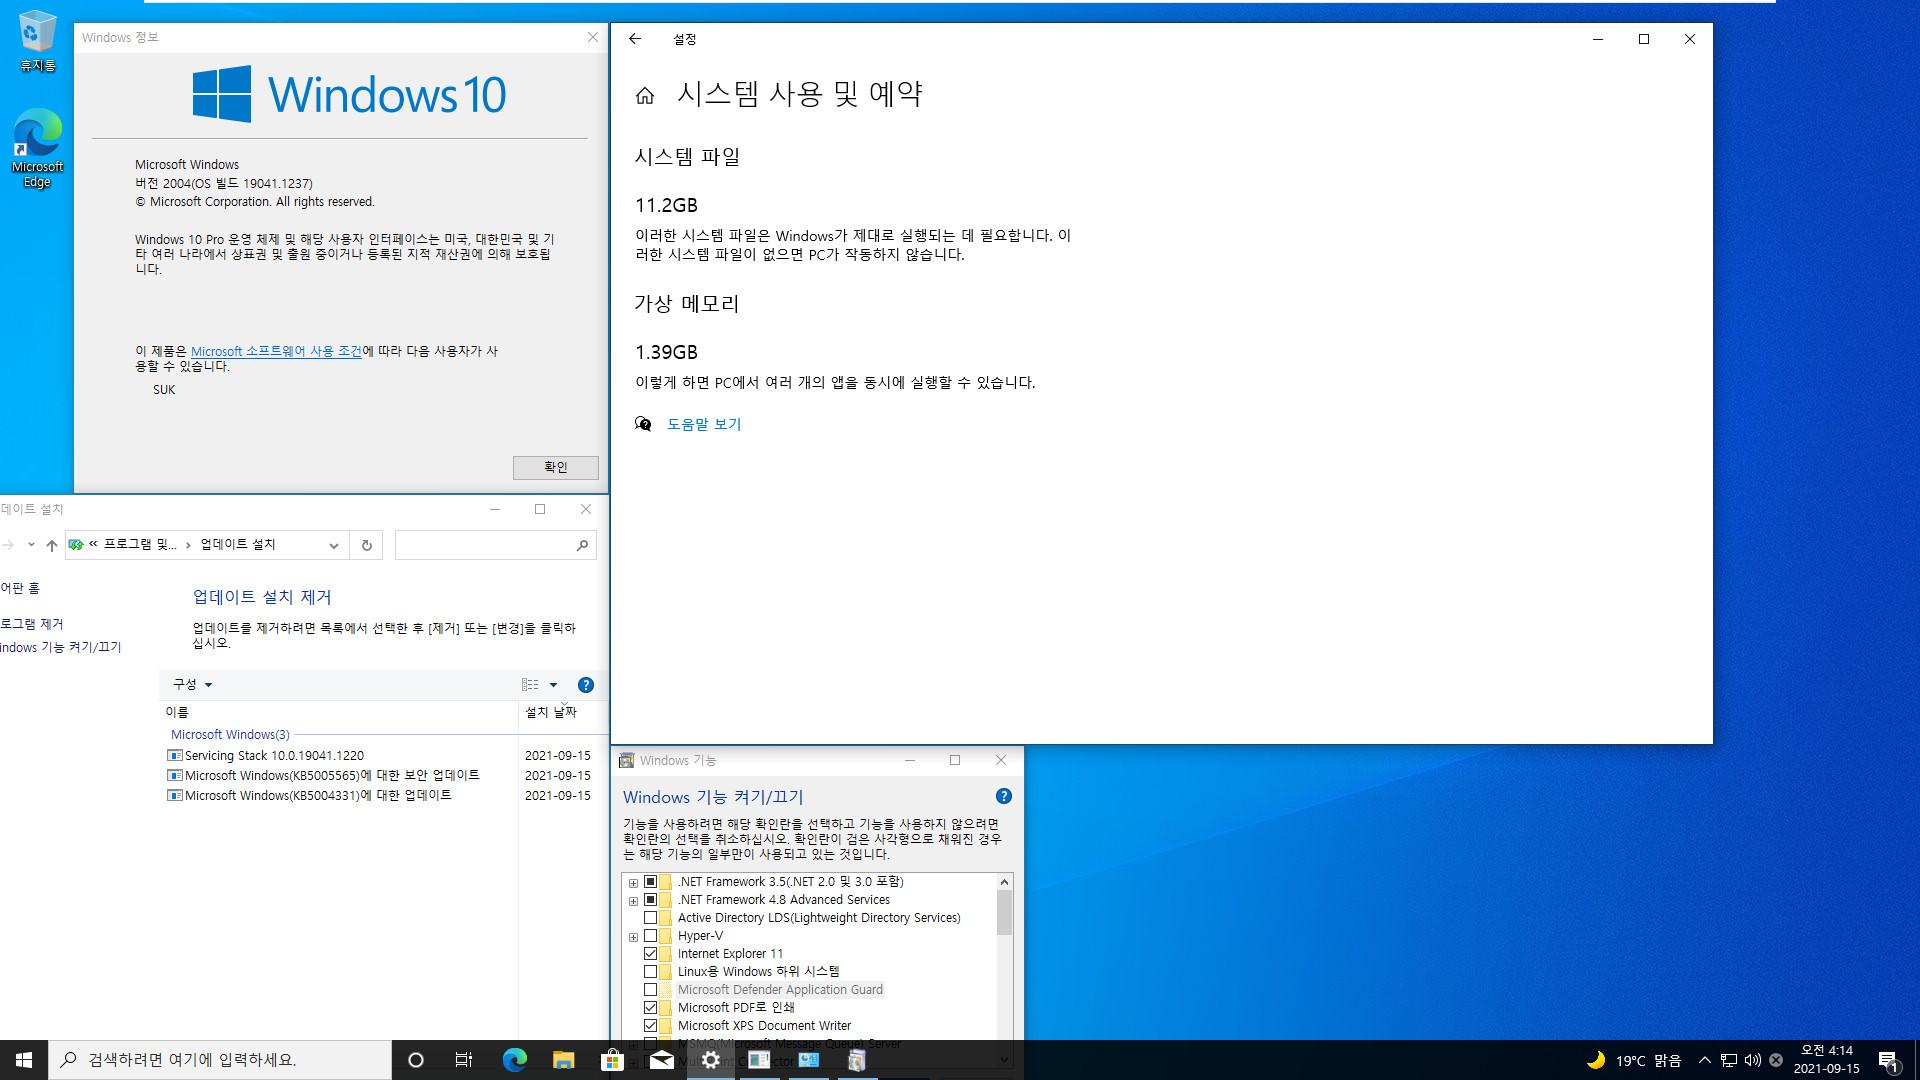 2021-09-15 정기 업데이트 - PRO x64 4개 버전 통합 - Windows 10 버전 2004, 빌드 19041.1237 + 버전 20H2, 빌드 19042.1237 + 버전 21H1, 빌드 19043.1237 + 버전 21H2, 빌드 19044.1237 - 공용 누적 업데이트 KB5005565 - 2021-09-15_041438.jpg